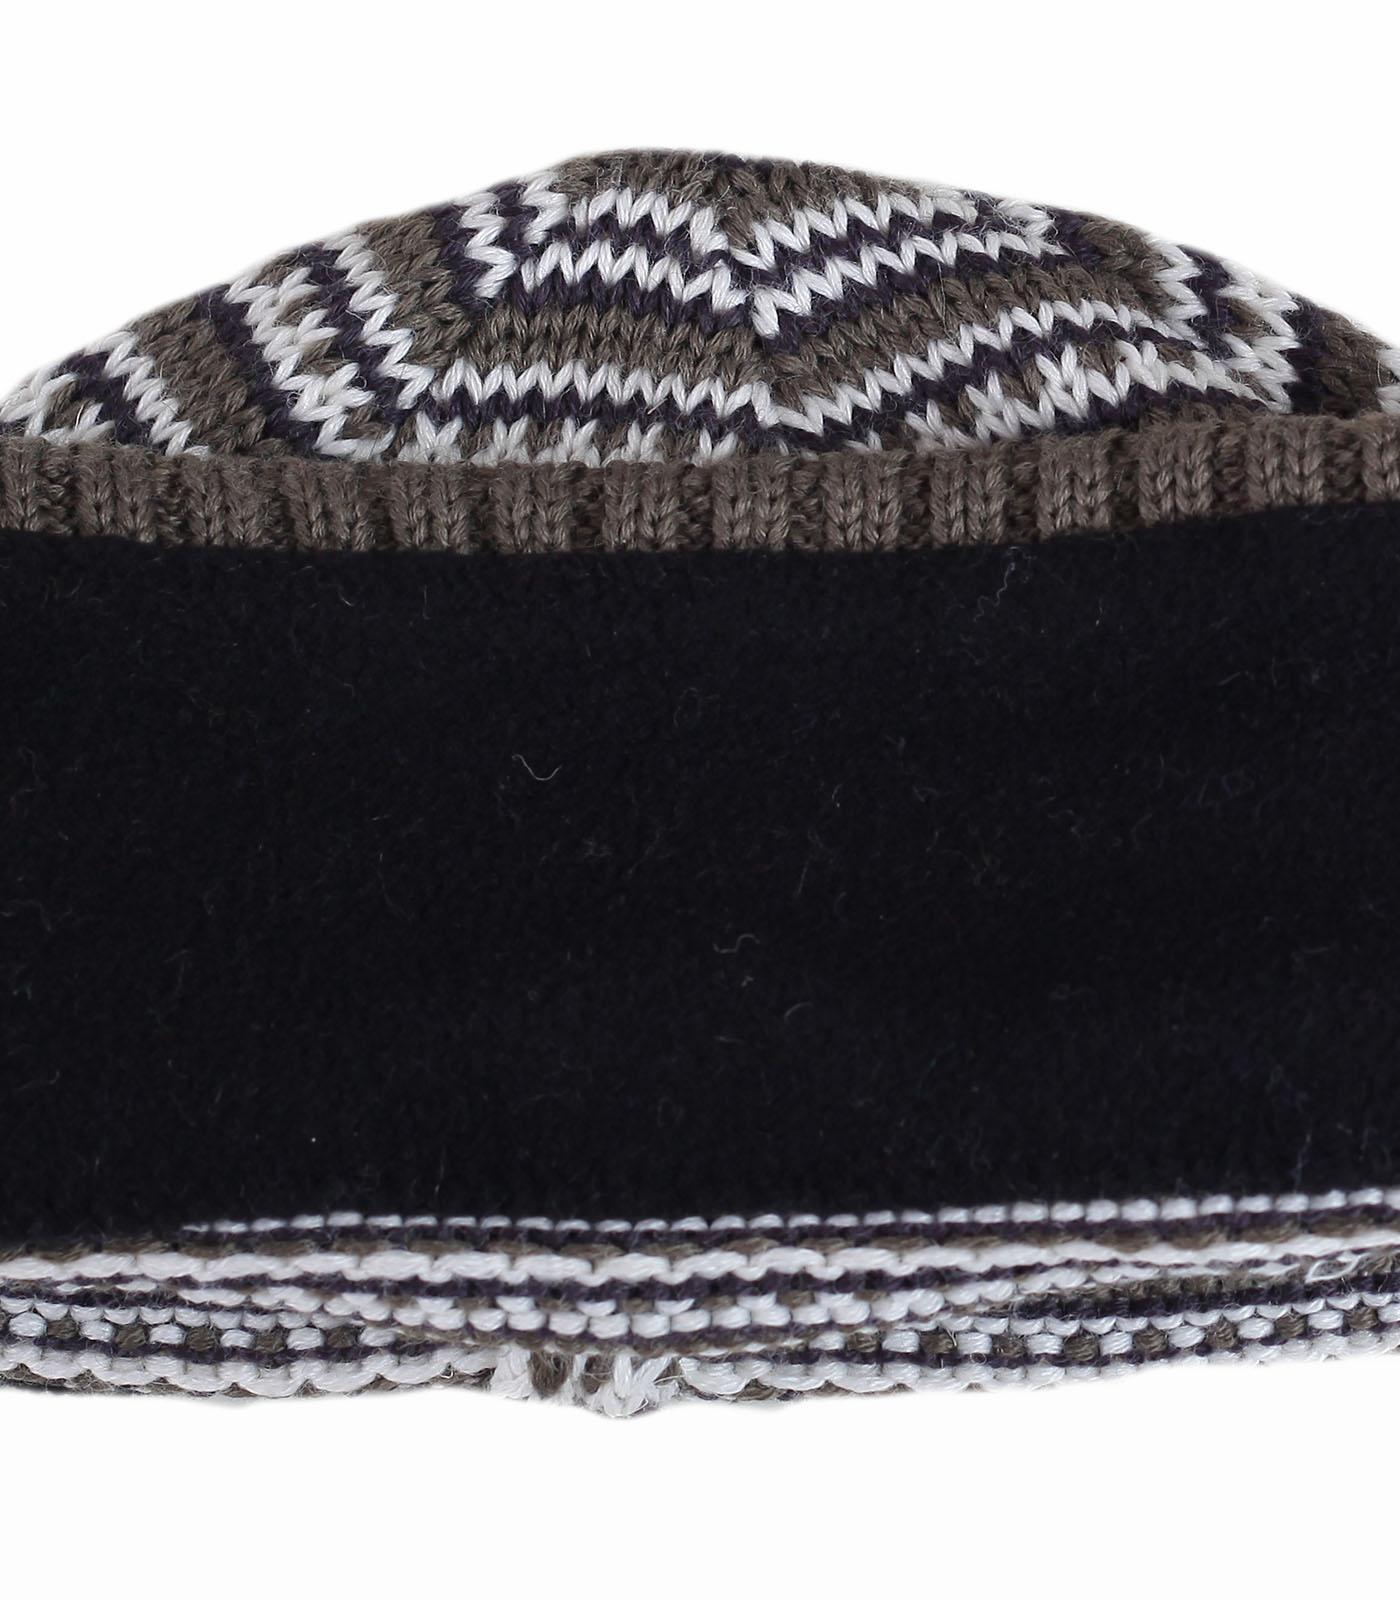 Шапка Woolrich на флисе в спортивном стиле. Очень теплая вязаная модель, которую по-достоинству оценят любители моды и комфорта